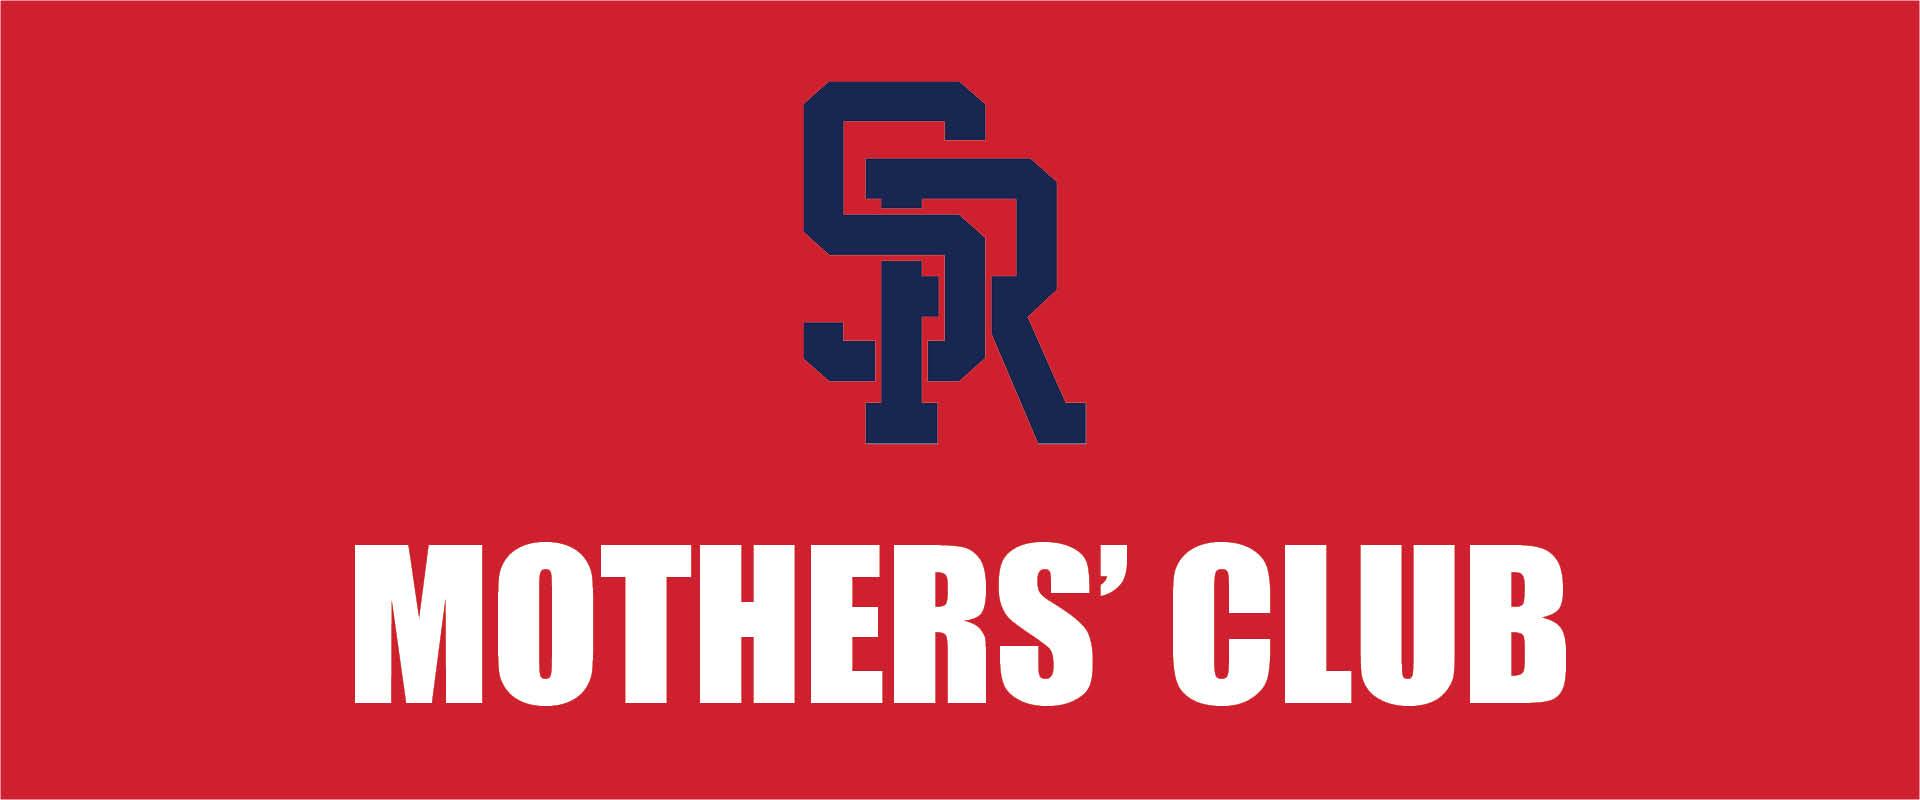 St. Rita Mothers Club.jpg